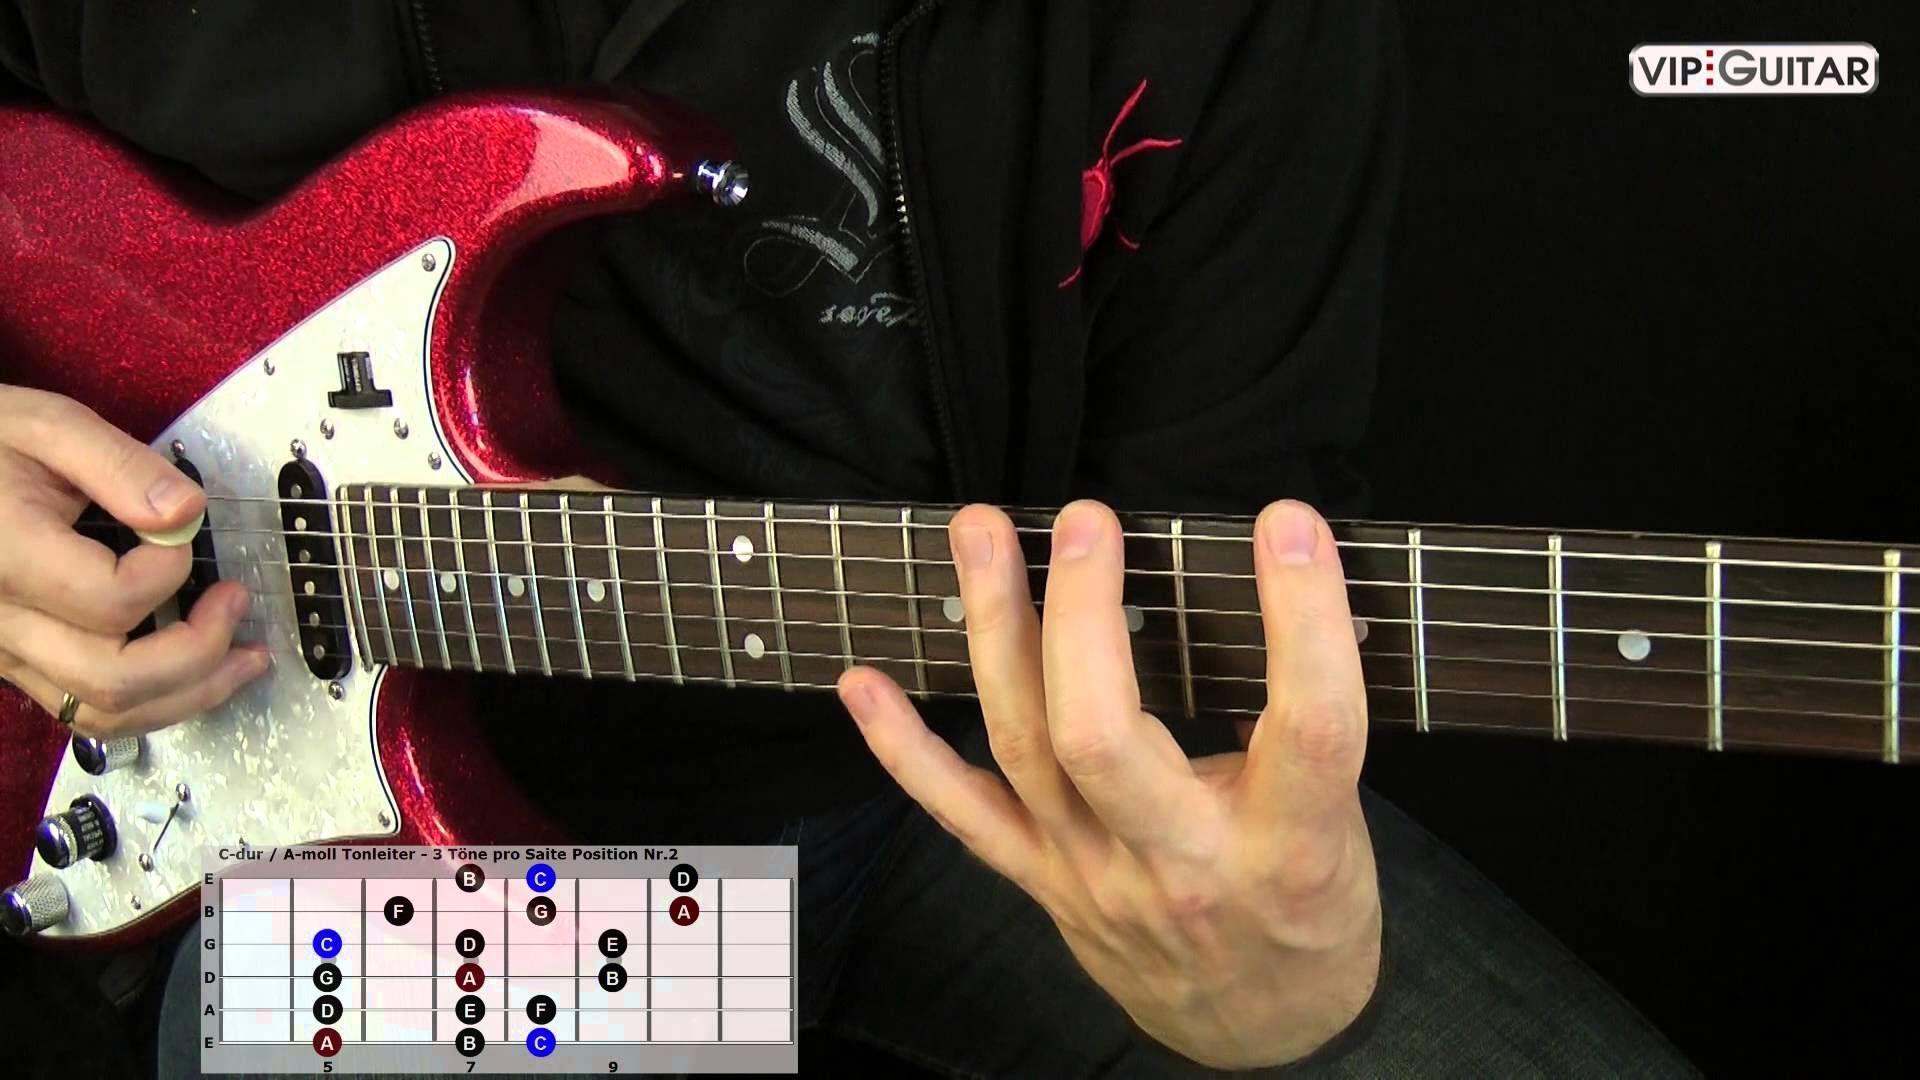 """""""C dur A moll Tonleiter Position Diese 7 Tonleitern sind mit den 5 Pentatonischen Tonleitern wichtigsten auf der Gitarre Speziell se Formen m"""